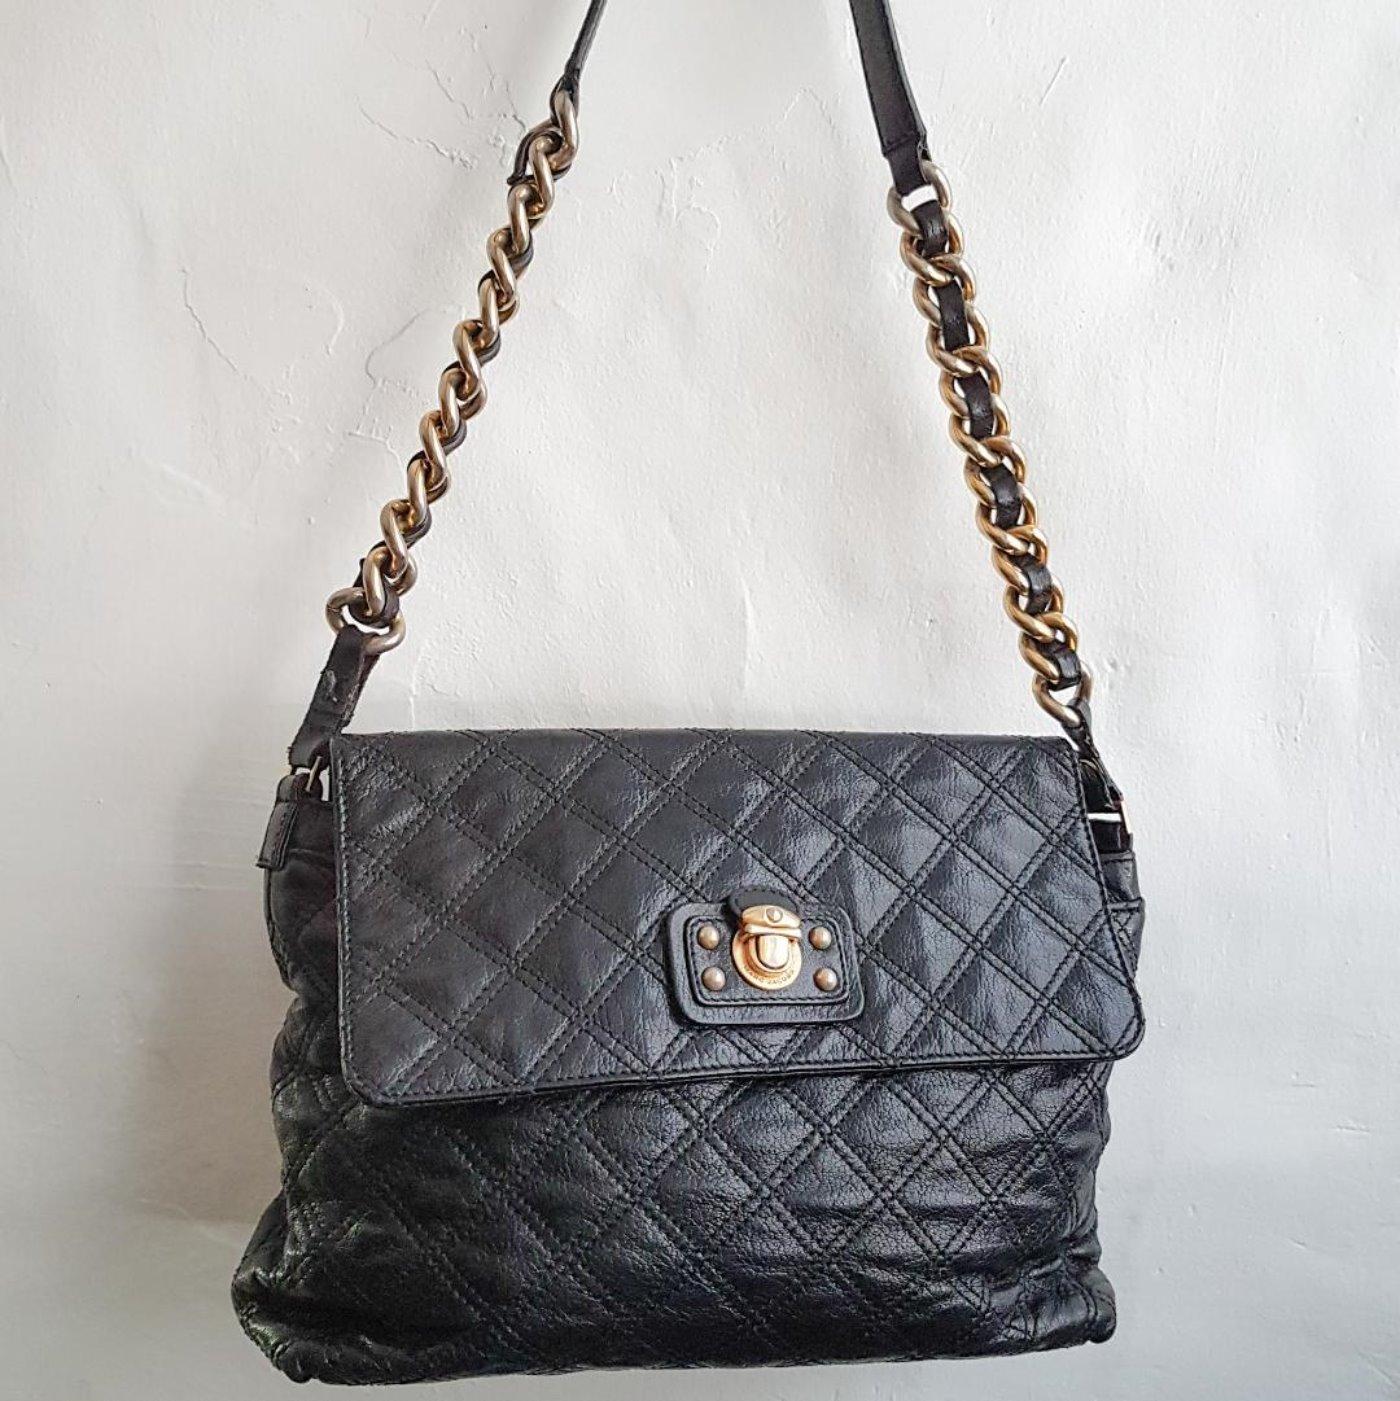 Cap Luxury : achat et vente de produits de luxe de catégorie Marc ...